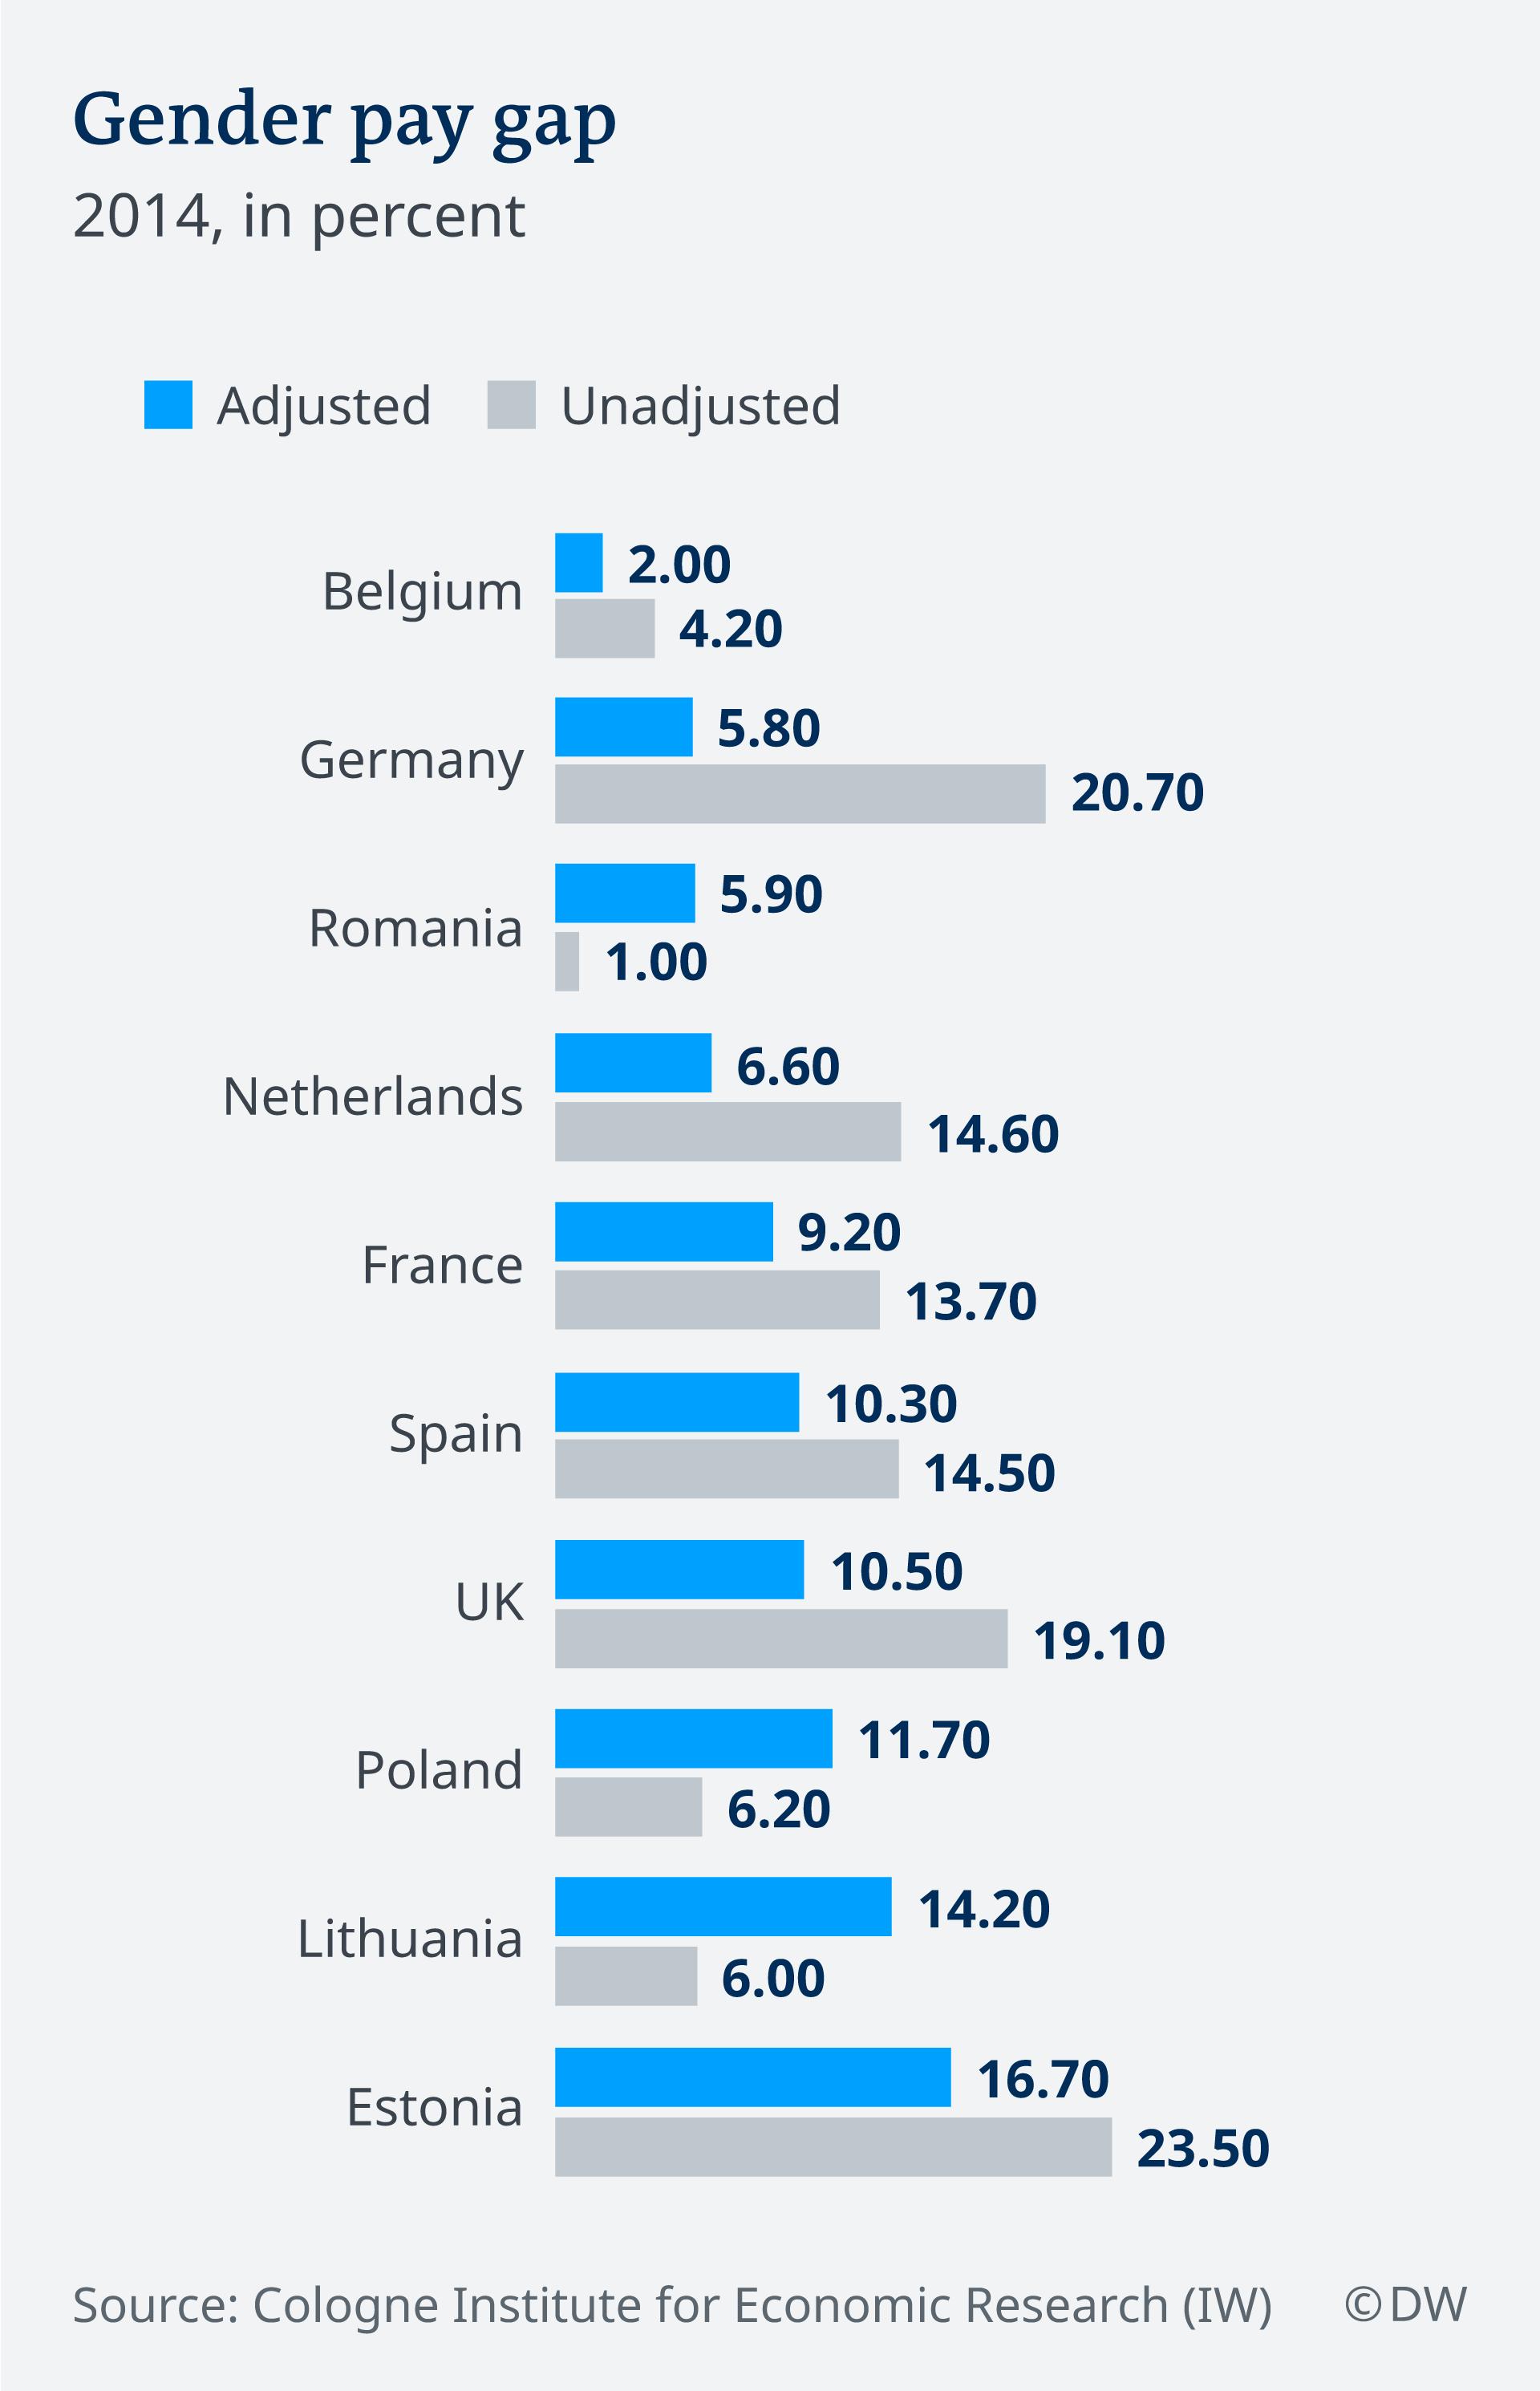 Gender Pay Gap around Europe